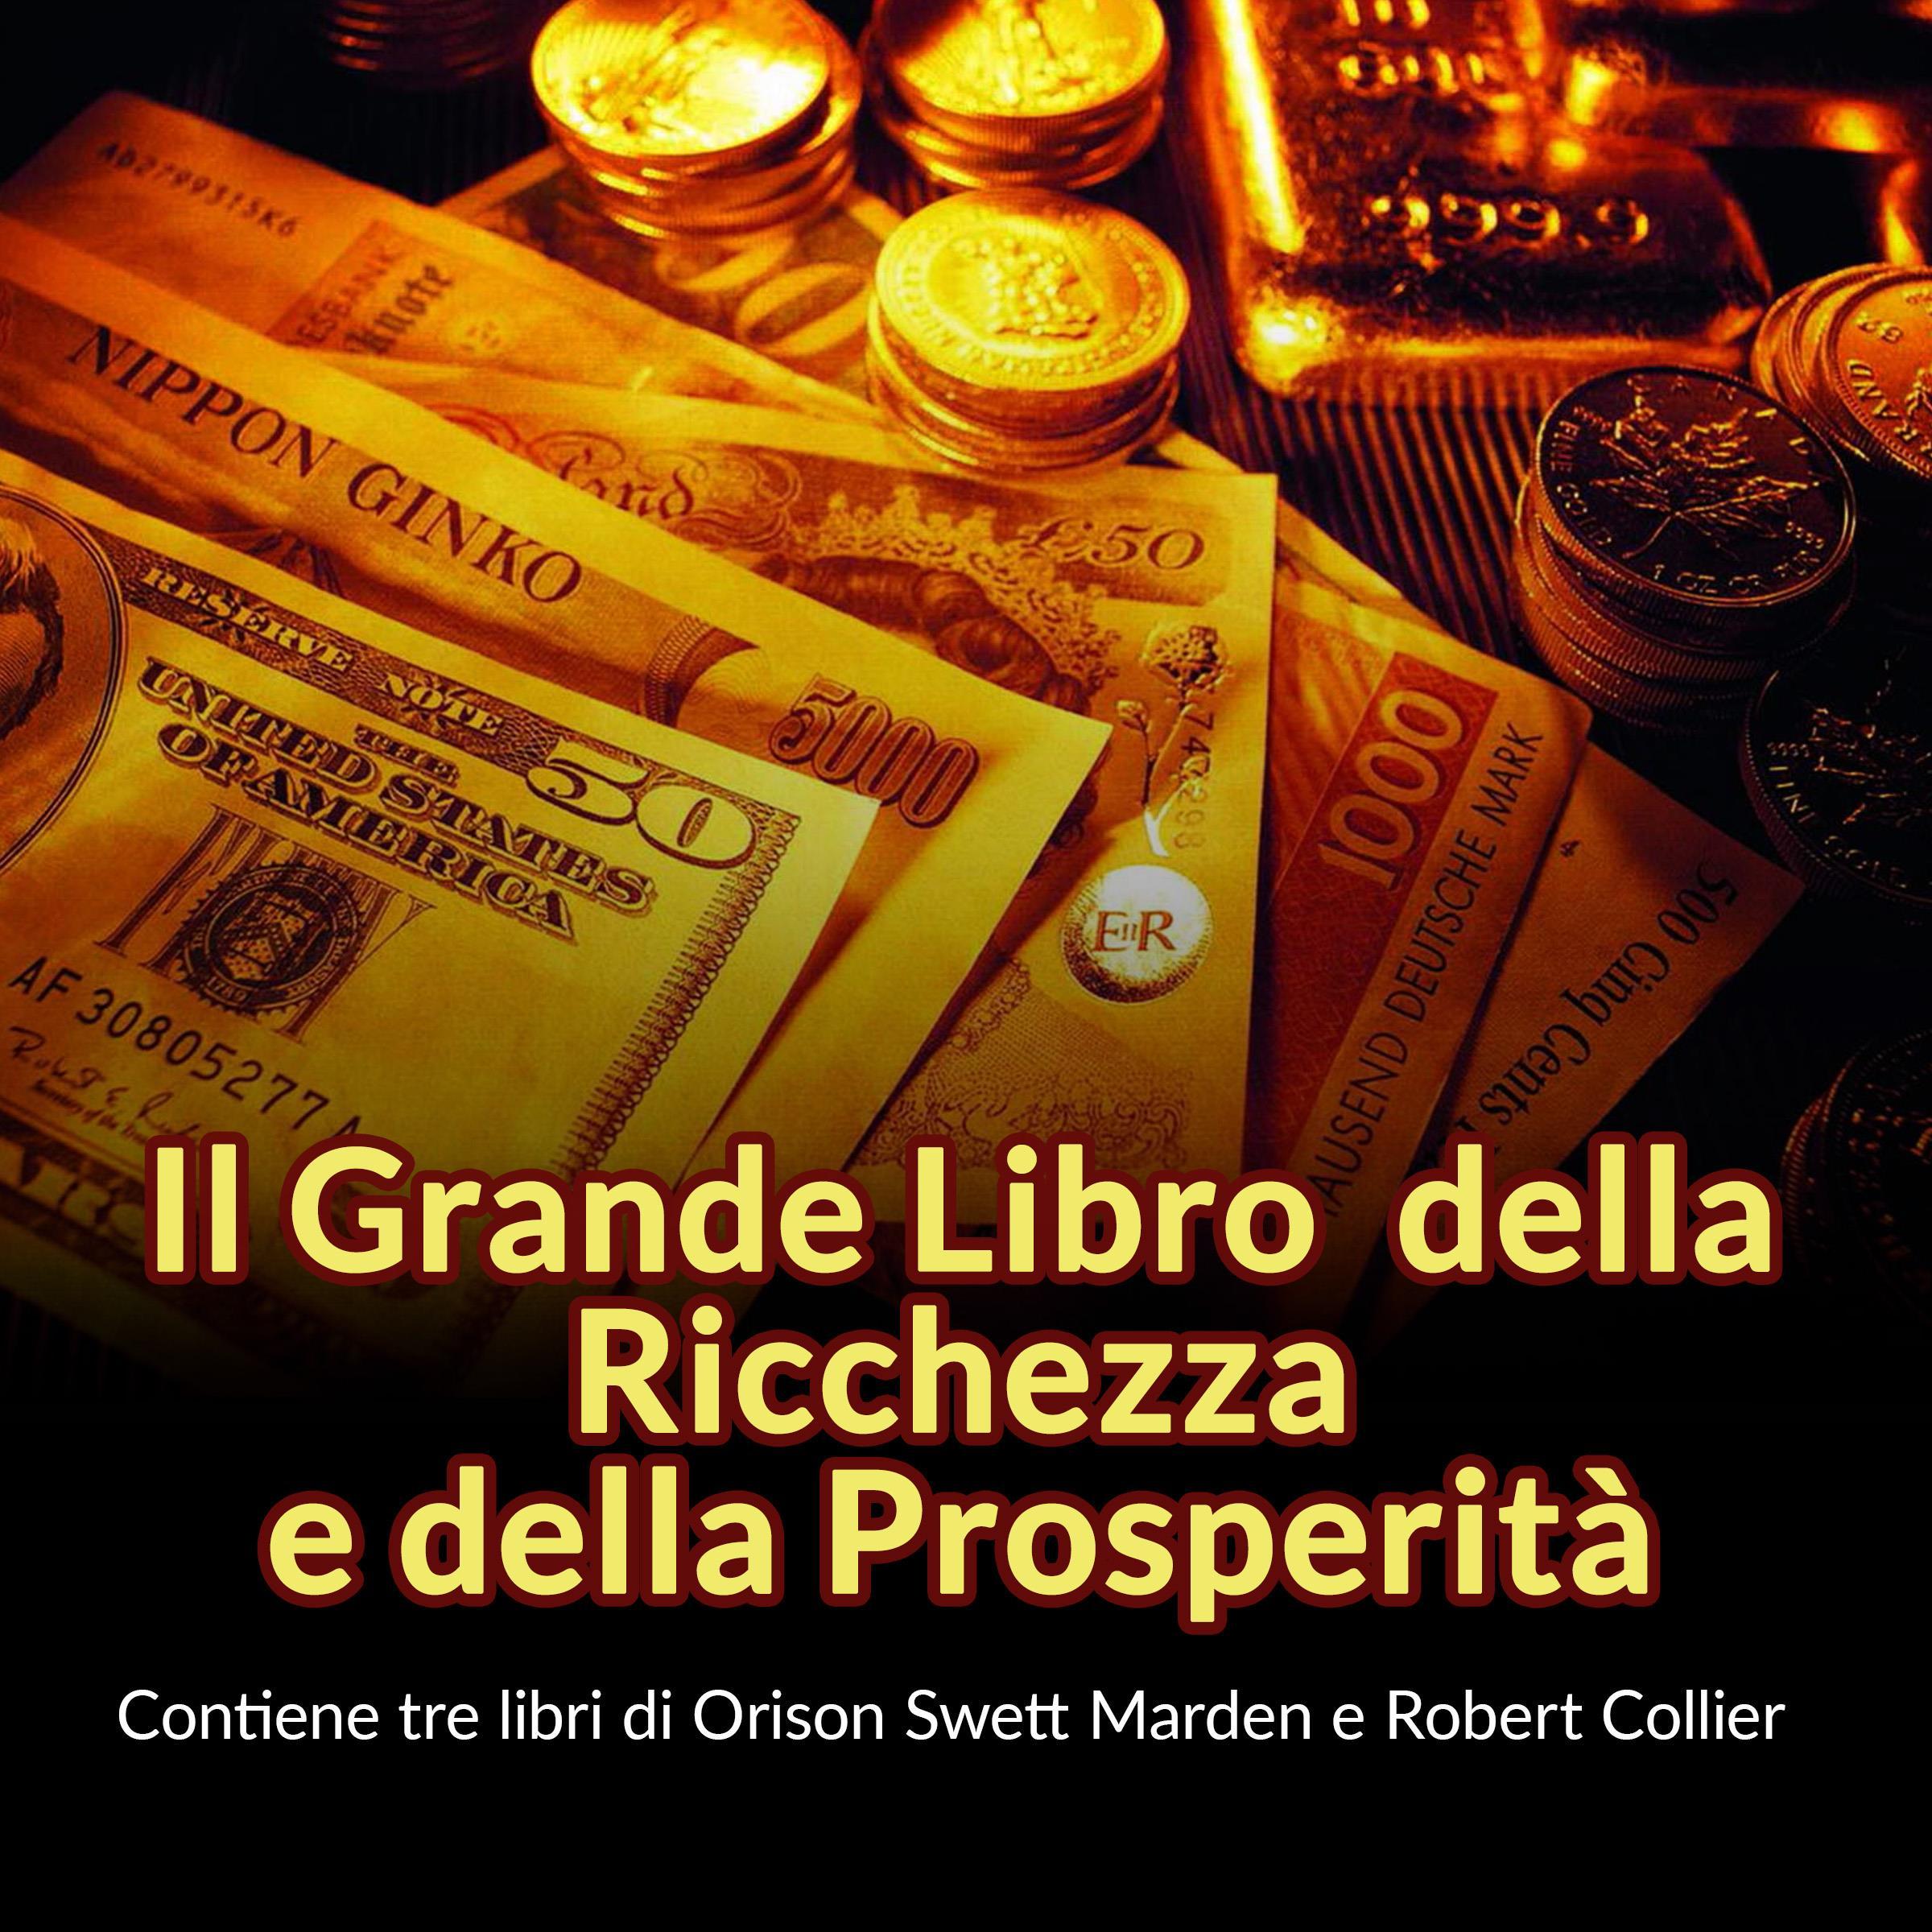 Il Grande Libro della Ricchezza e della Prosperità